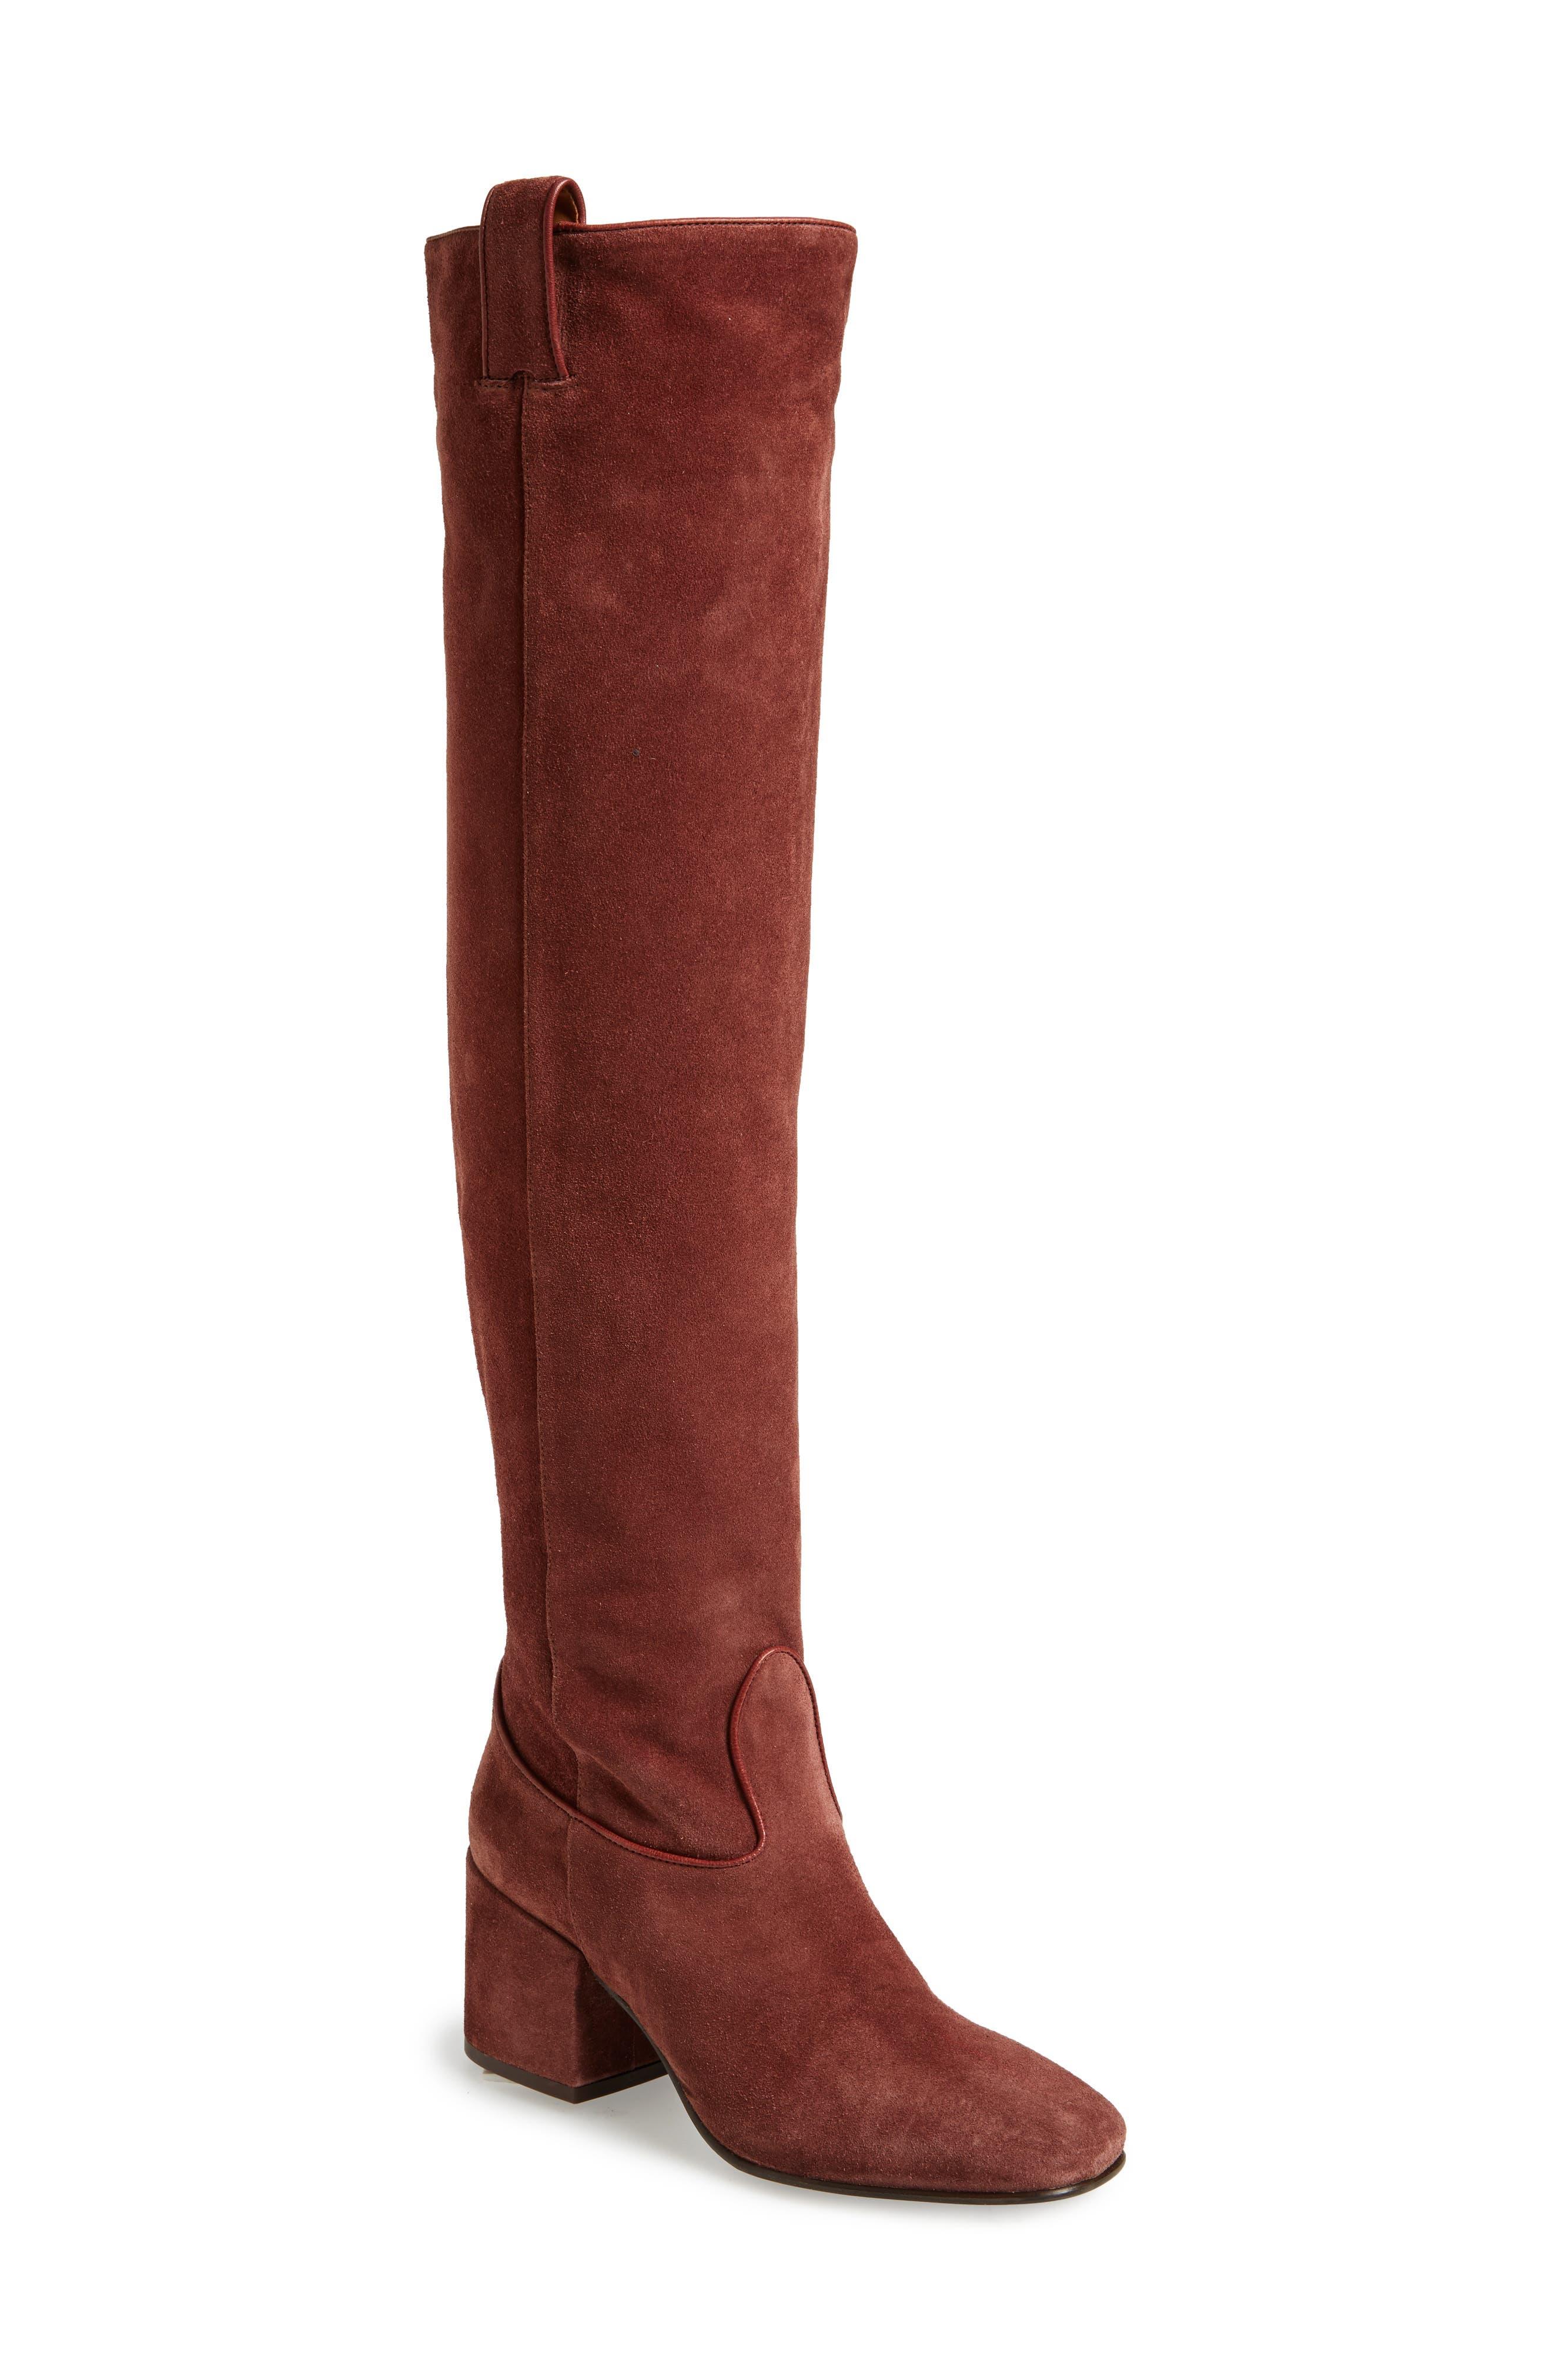 Alberto Fermani Delia Over the Knee Boot (Women)